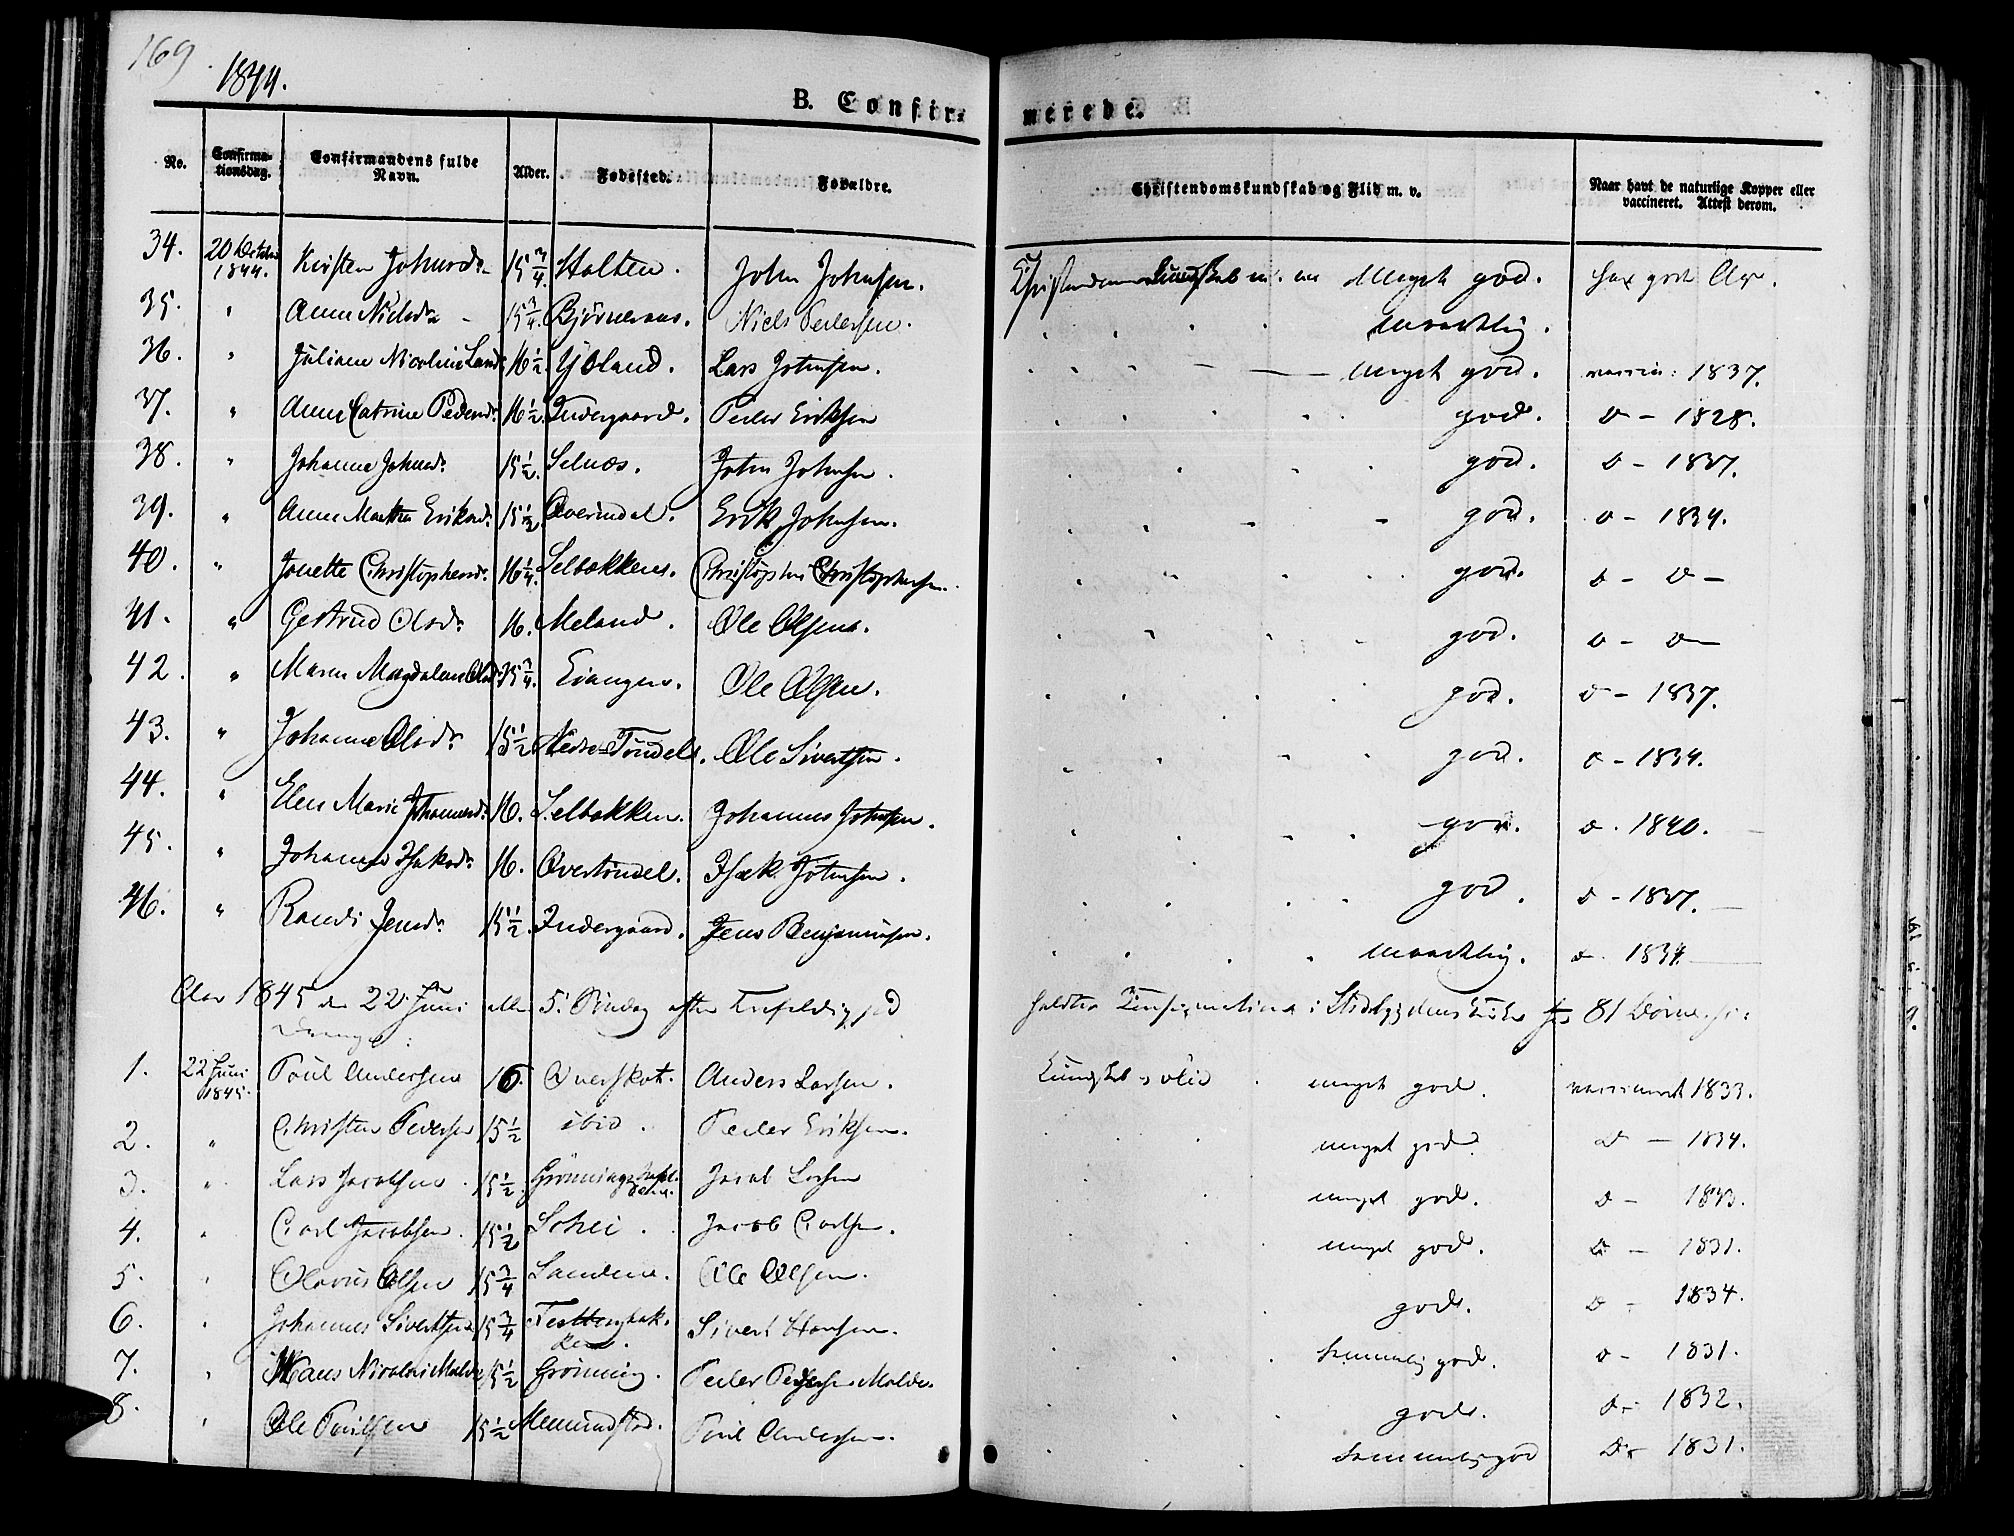 SAT, Ministerialprotokoller, klokkerbøker og fødselsregistre - Sør-Trøndelag, 646/L0610: Ministerialbok nr. 646A08, 1837-1847, s. 169